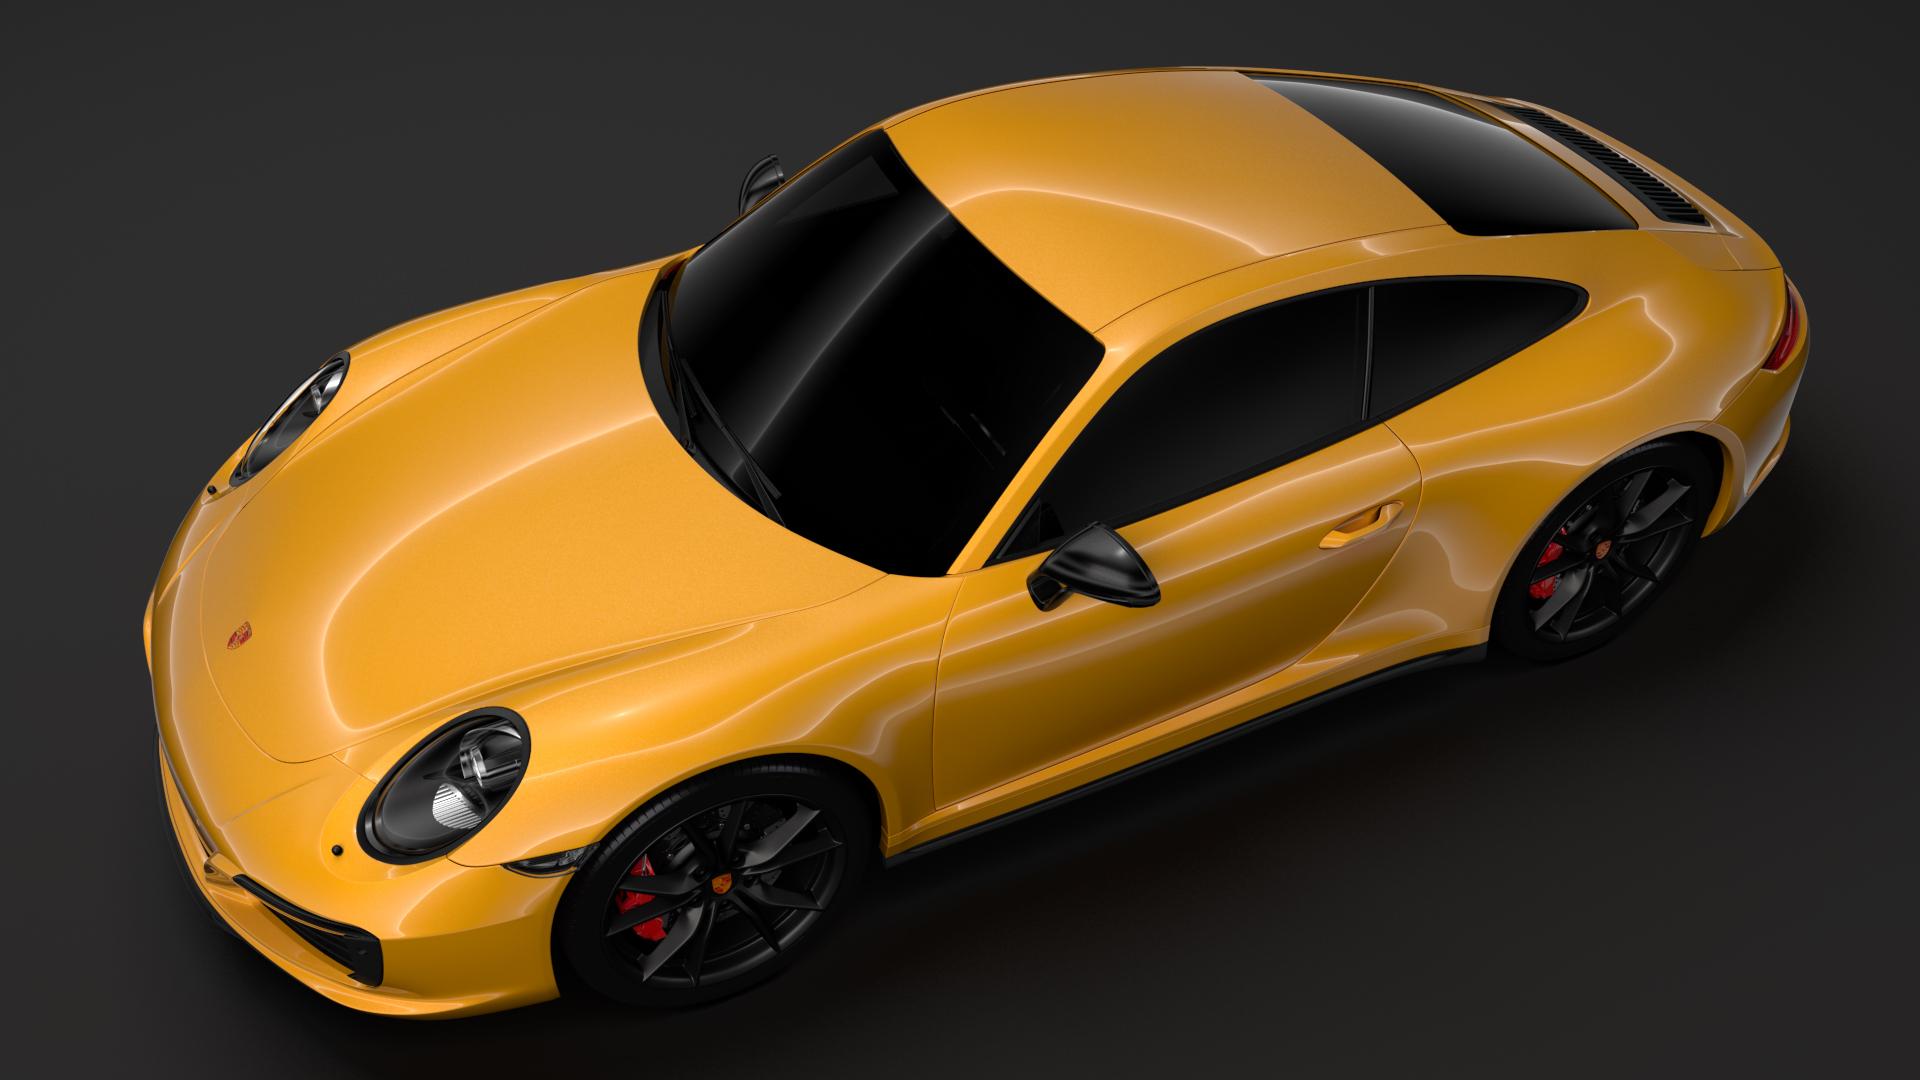 porsche 911 carrera t coupe (991) 2018 3d model max fbx c4d lwo ma mb hrc xsi obj 278960